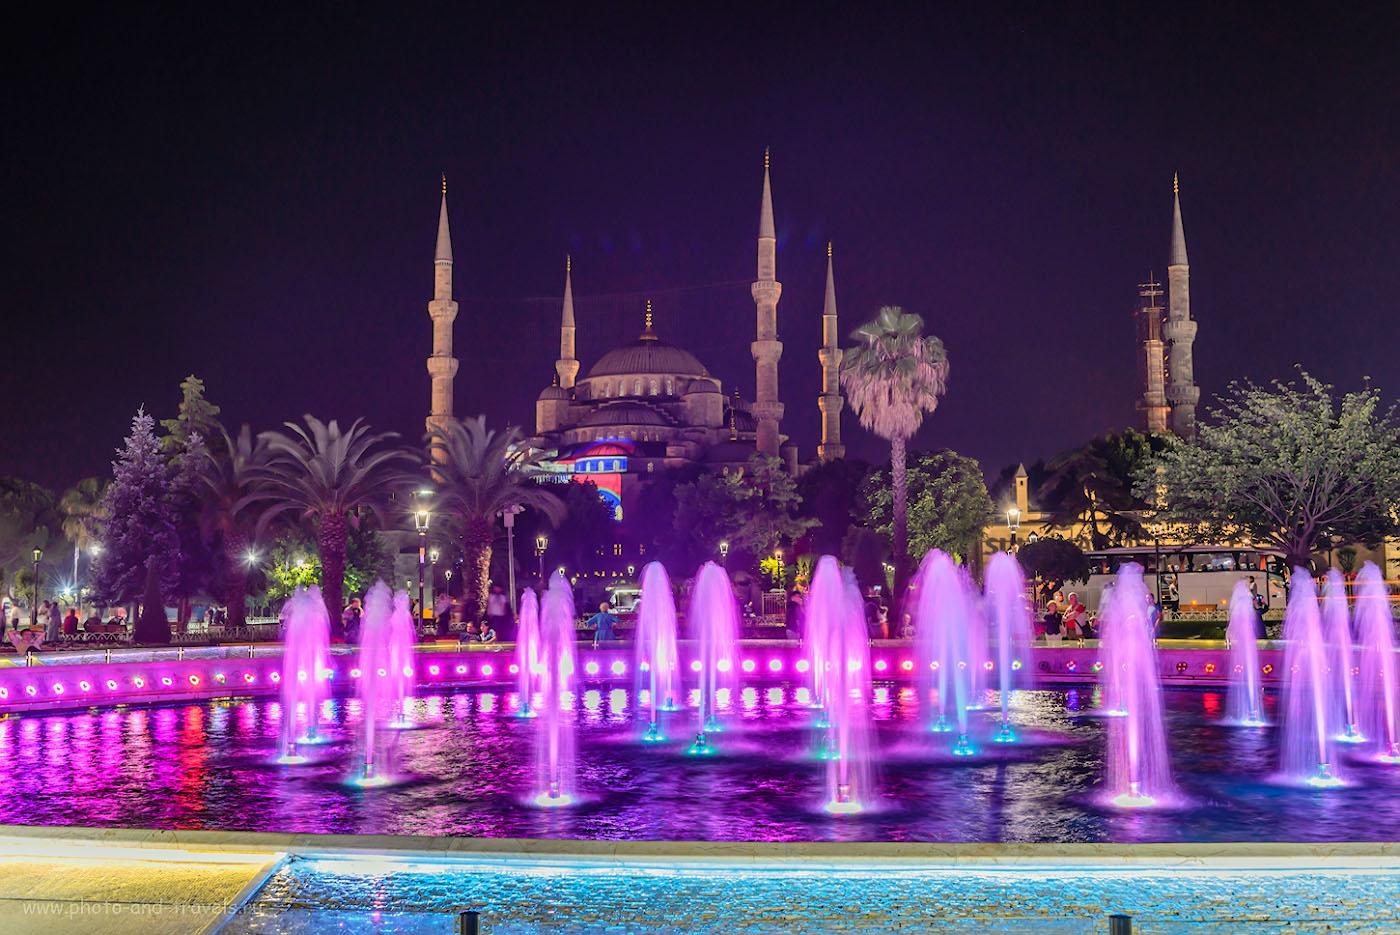 Фото 4. Фонтан на площади Султанахмет и сама Голубая мечеть. Прогулки по ночному Стамбулу. 1.3 секунды, +1.33 EV, 8.0, 500, 38.